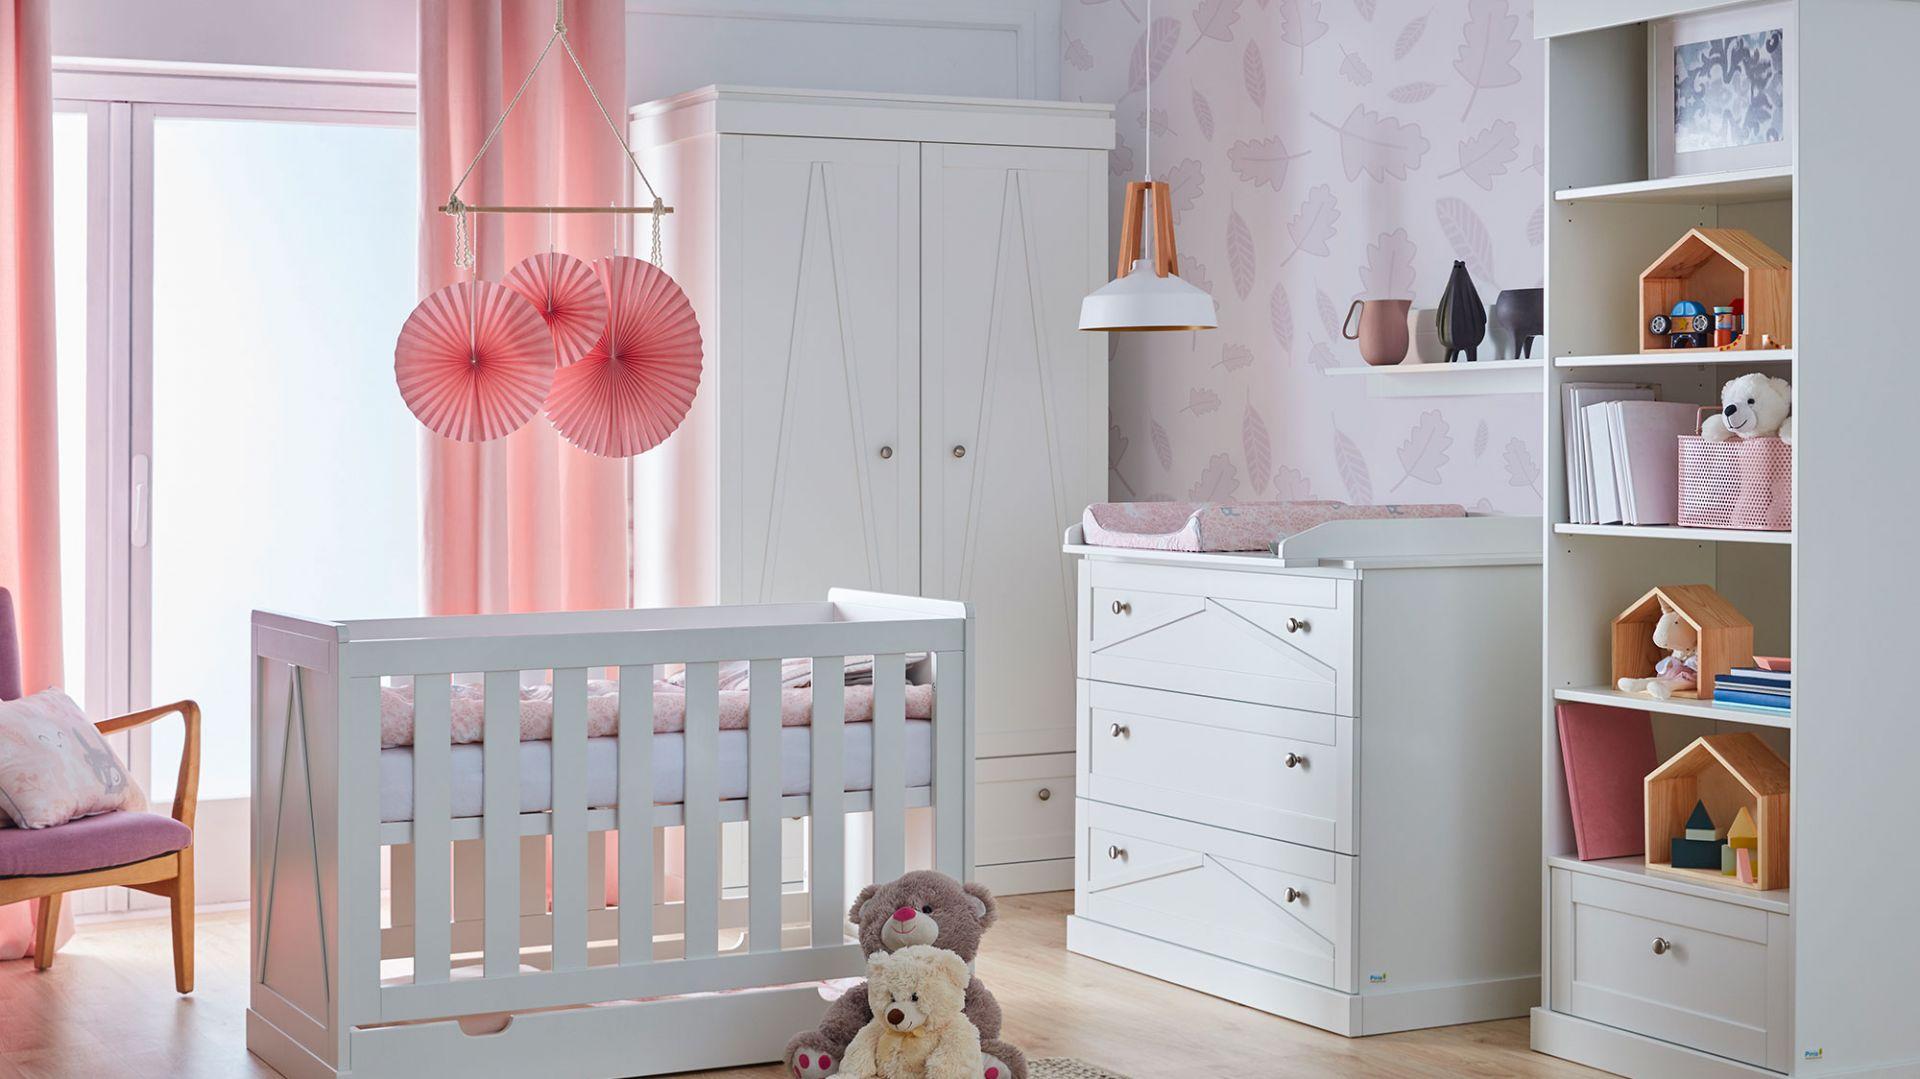 Kolekcja mebli do pokoju dziecka Marie. Fot. Pinio